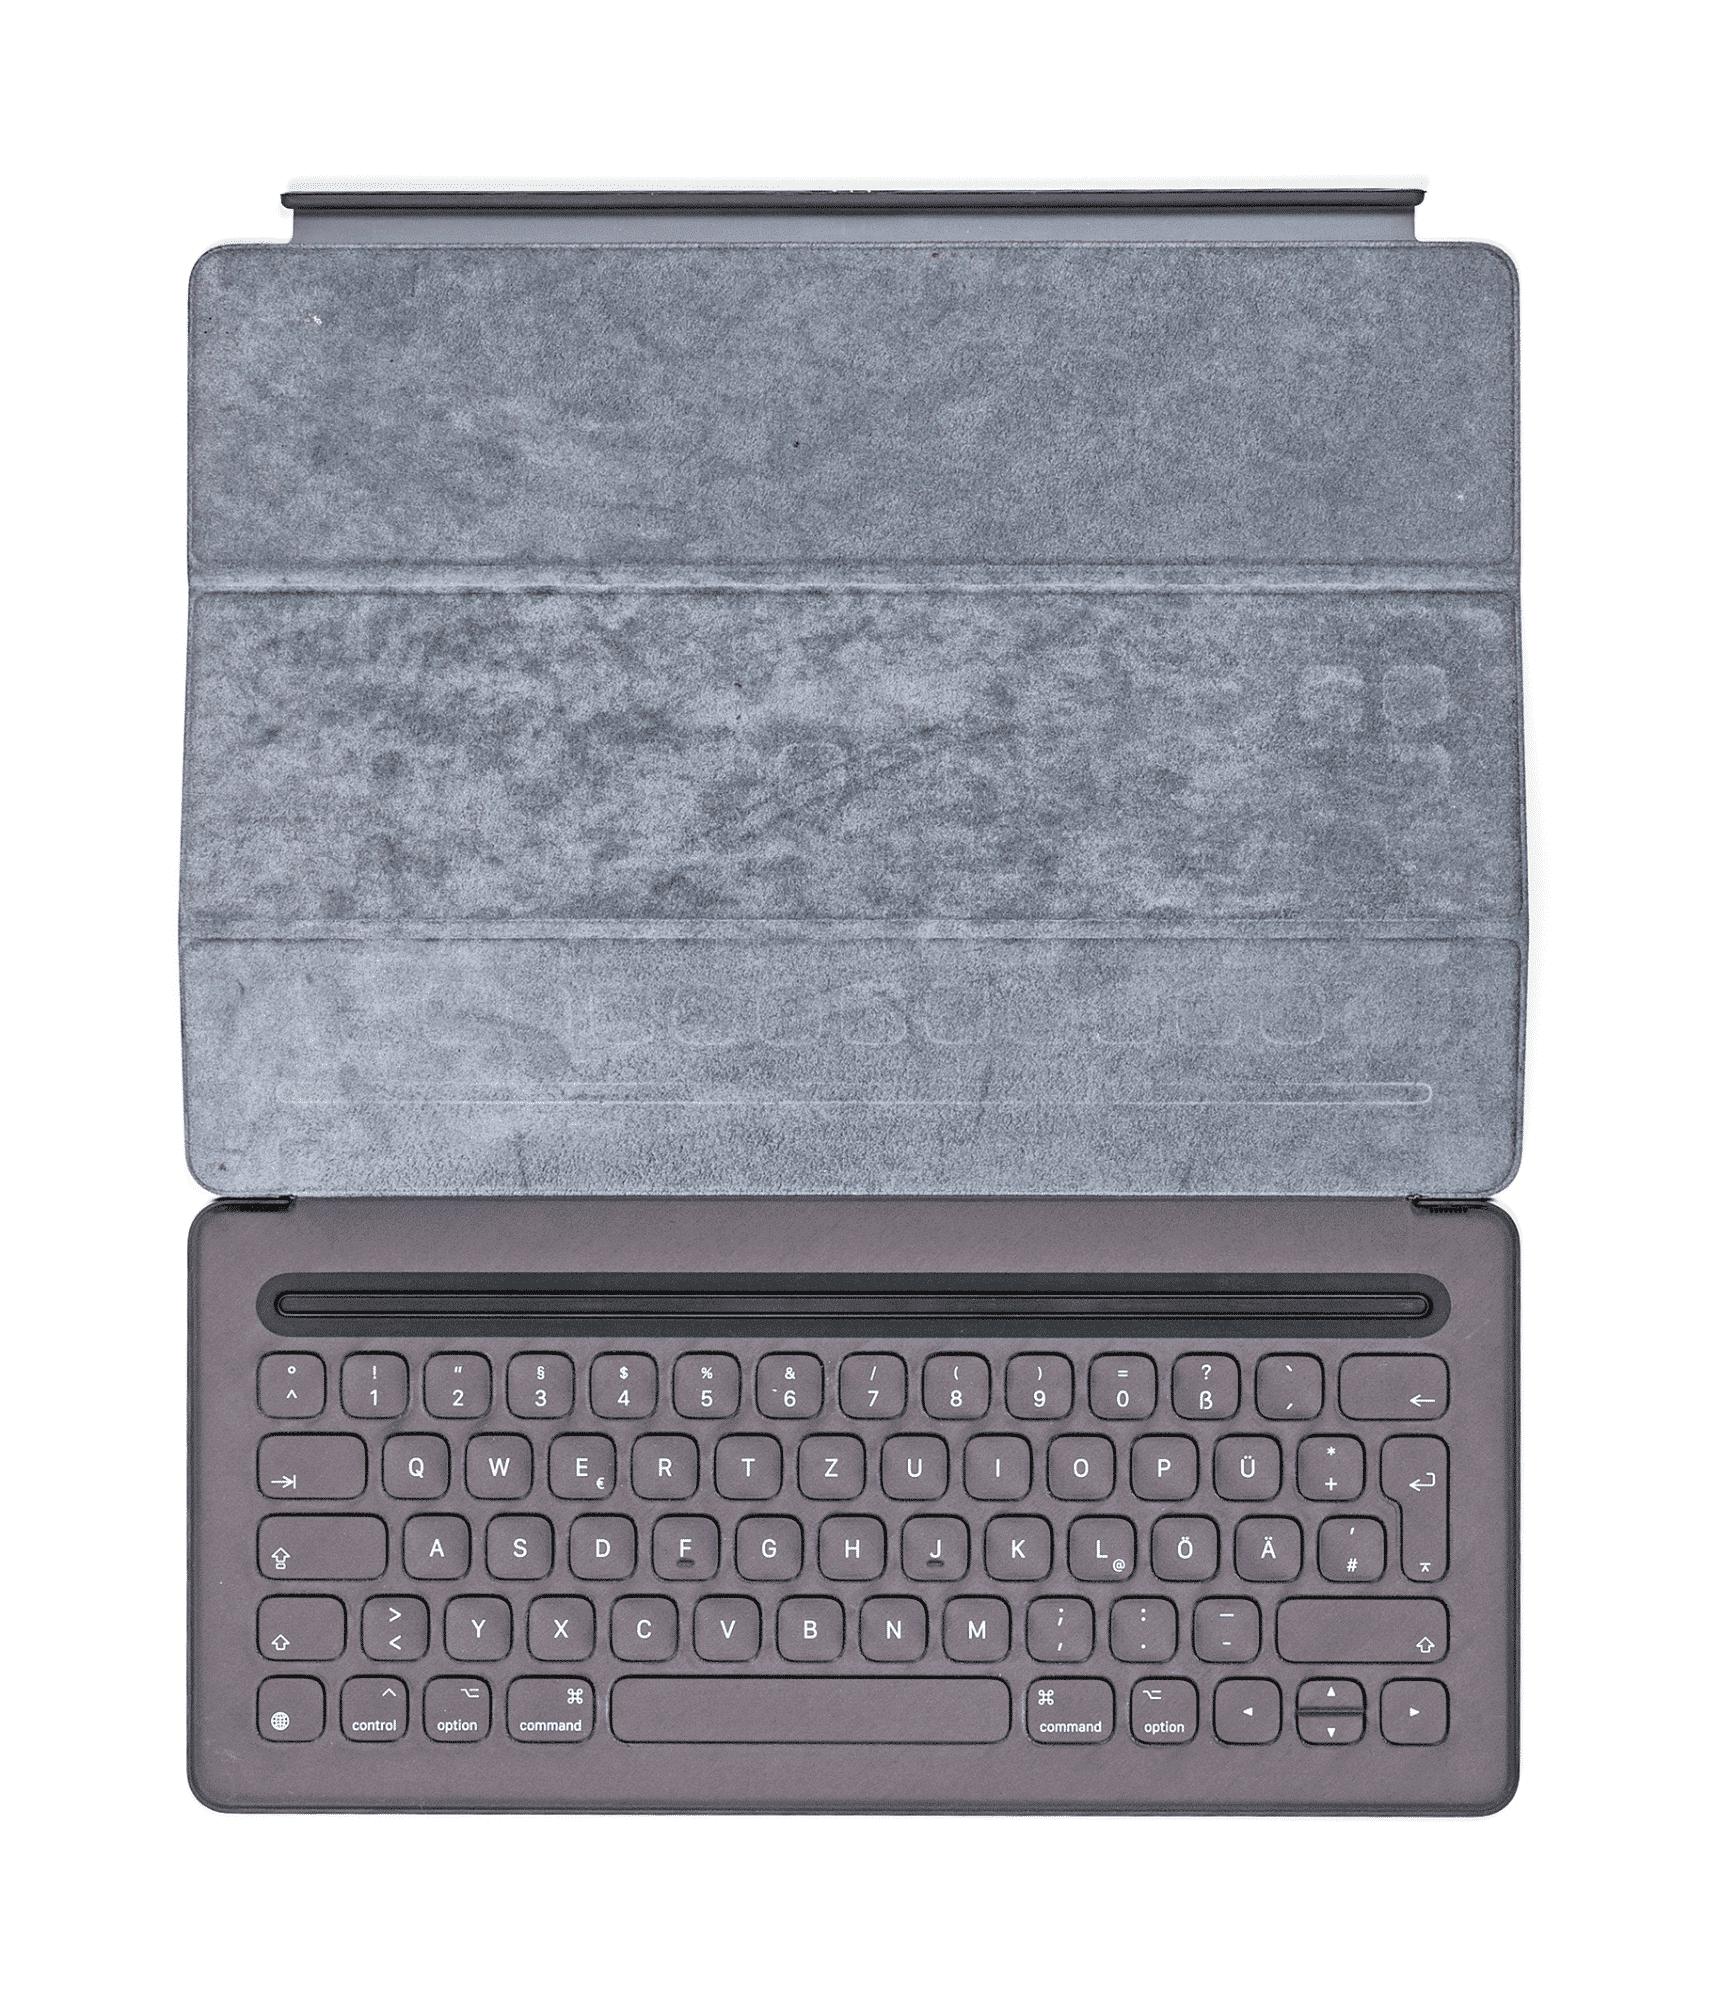 Das Apple-Keyboard ist flach und bietet guten Tippkomfort. Eine Hintergrundbeleuchtung bringt es nicht mit.